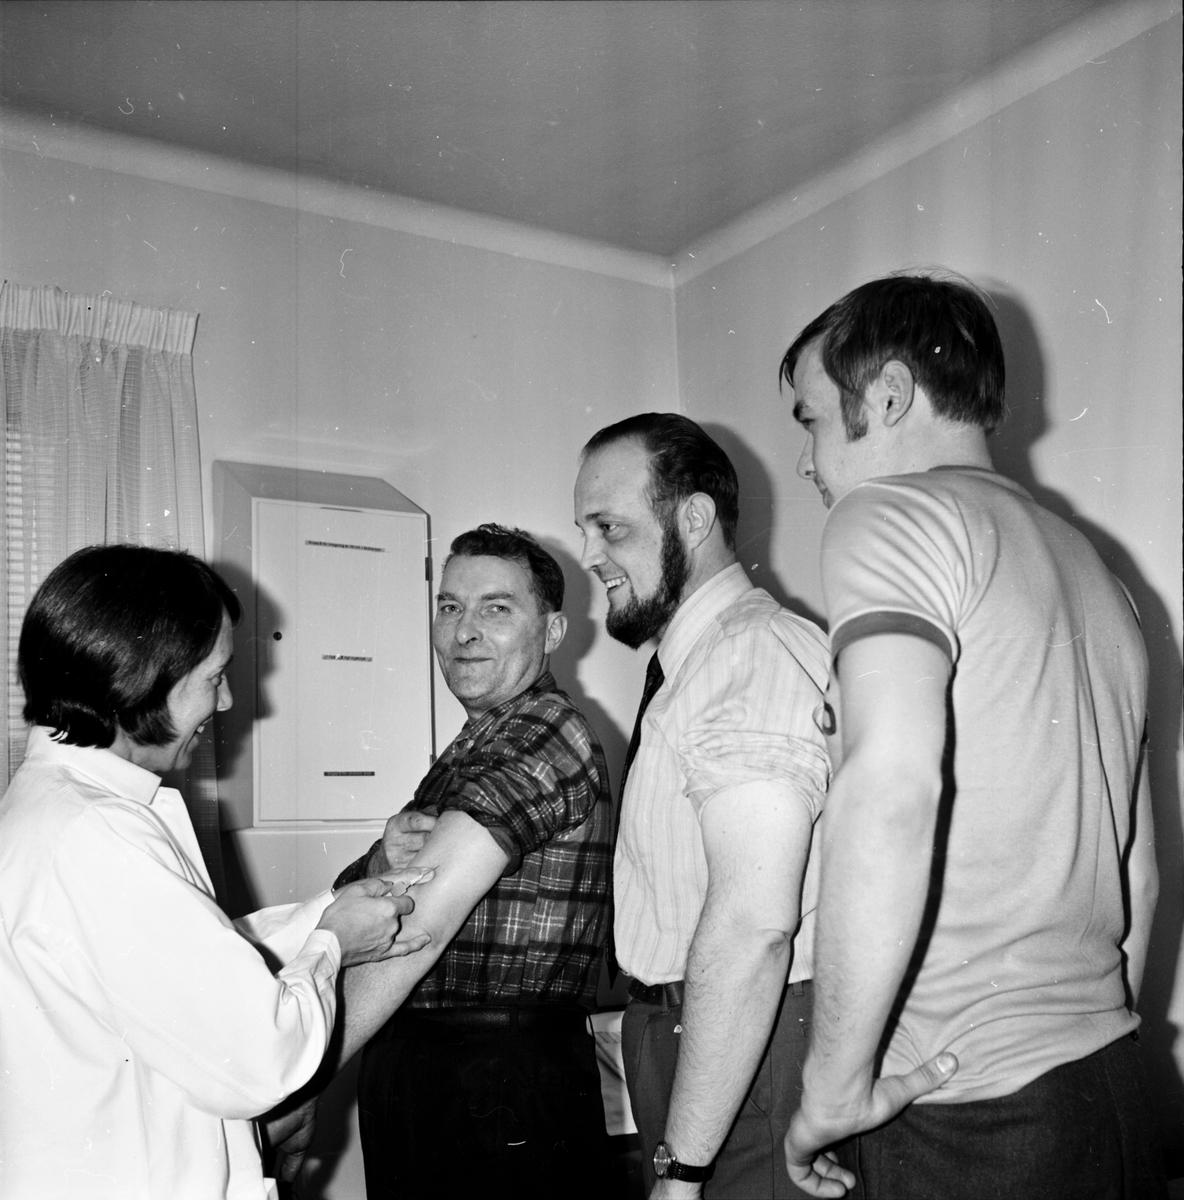 Arbrå, Ny maskin visas på bruks, Okt 1970